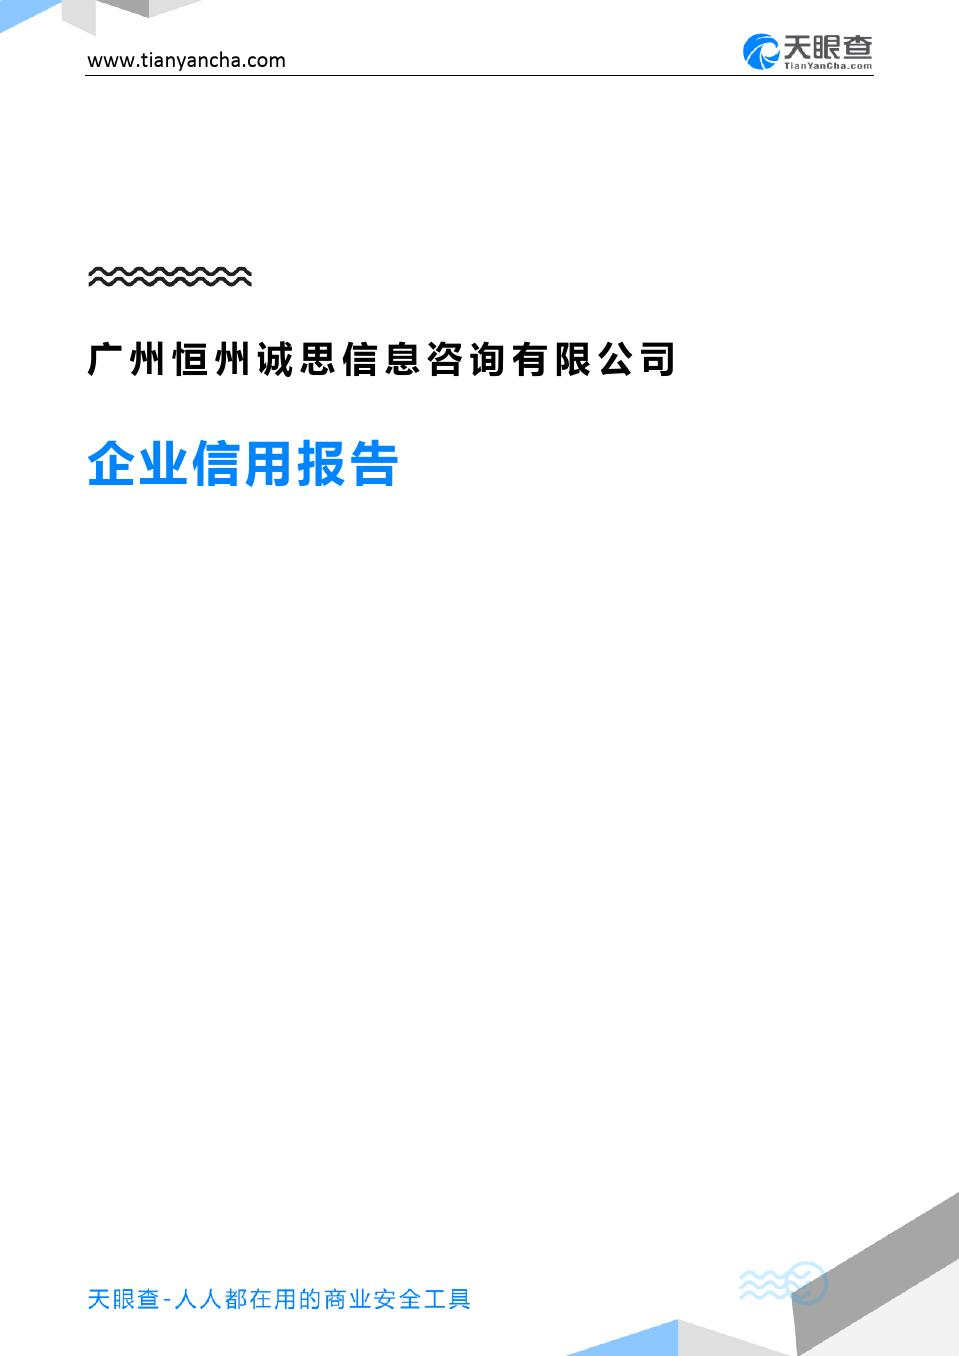 广州恒州诚思企业咨询(报告信息模板设计类ui首页咨询信用图片